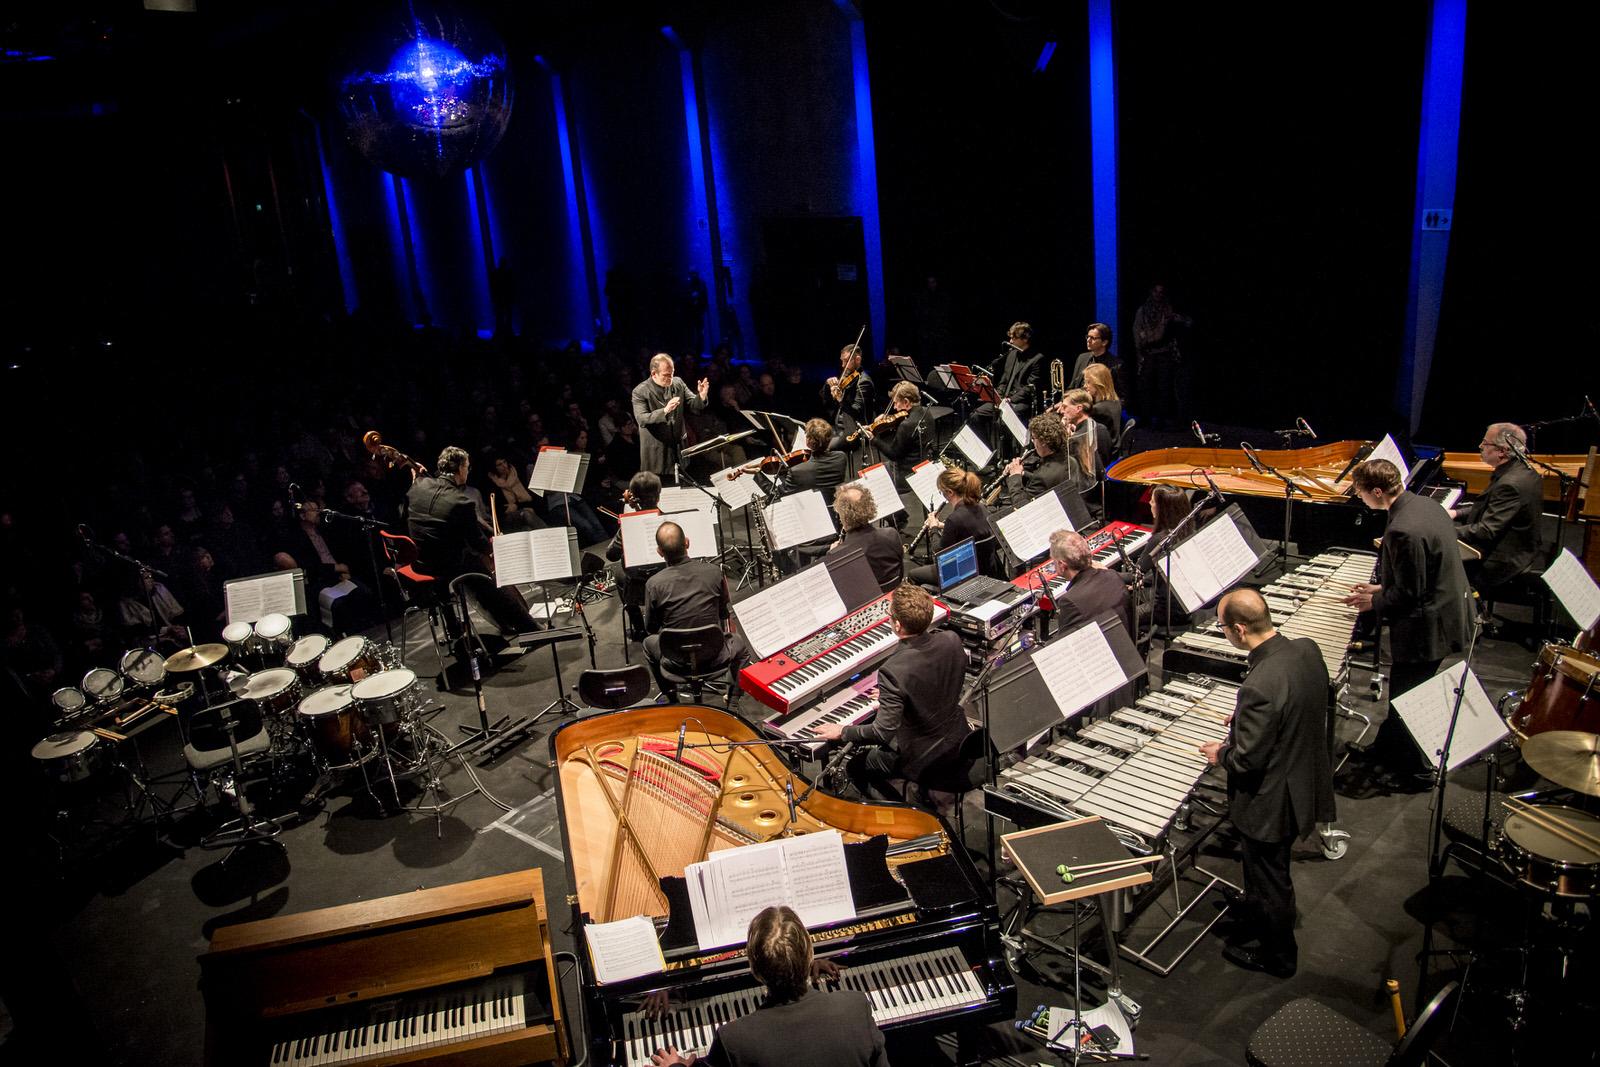 Beim Konzert spielte das Gürzenich-Orchester Stücke von Steve Reich und John Adams – Roth: »sehr urban musique« –, Ligeti – »viel abstrakter« – und Varèse – »Großvater der elektronischen Musik«. Dazwischen erschienen, auf einer erhöhten Galerie, Schmickler, Schwellenbach und Voigt hinter den Laptops.